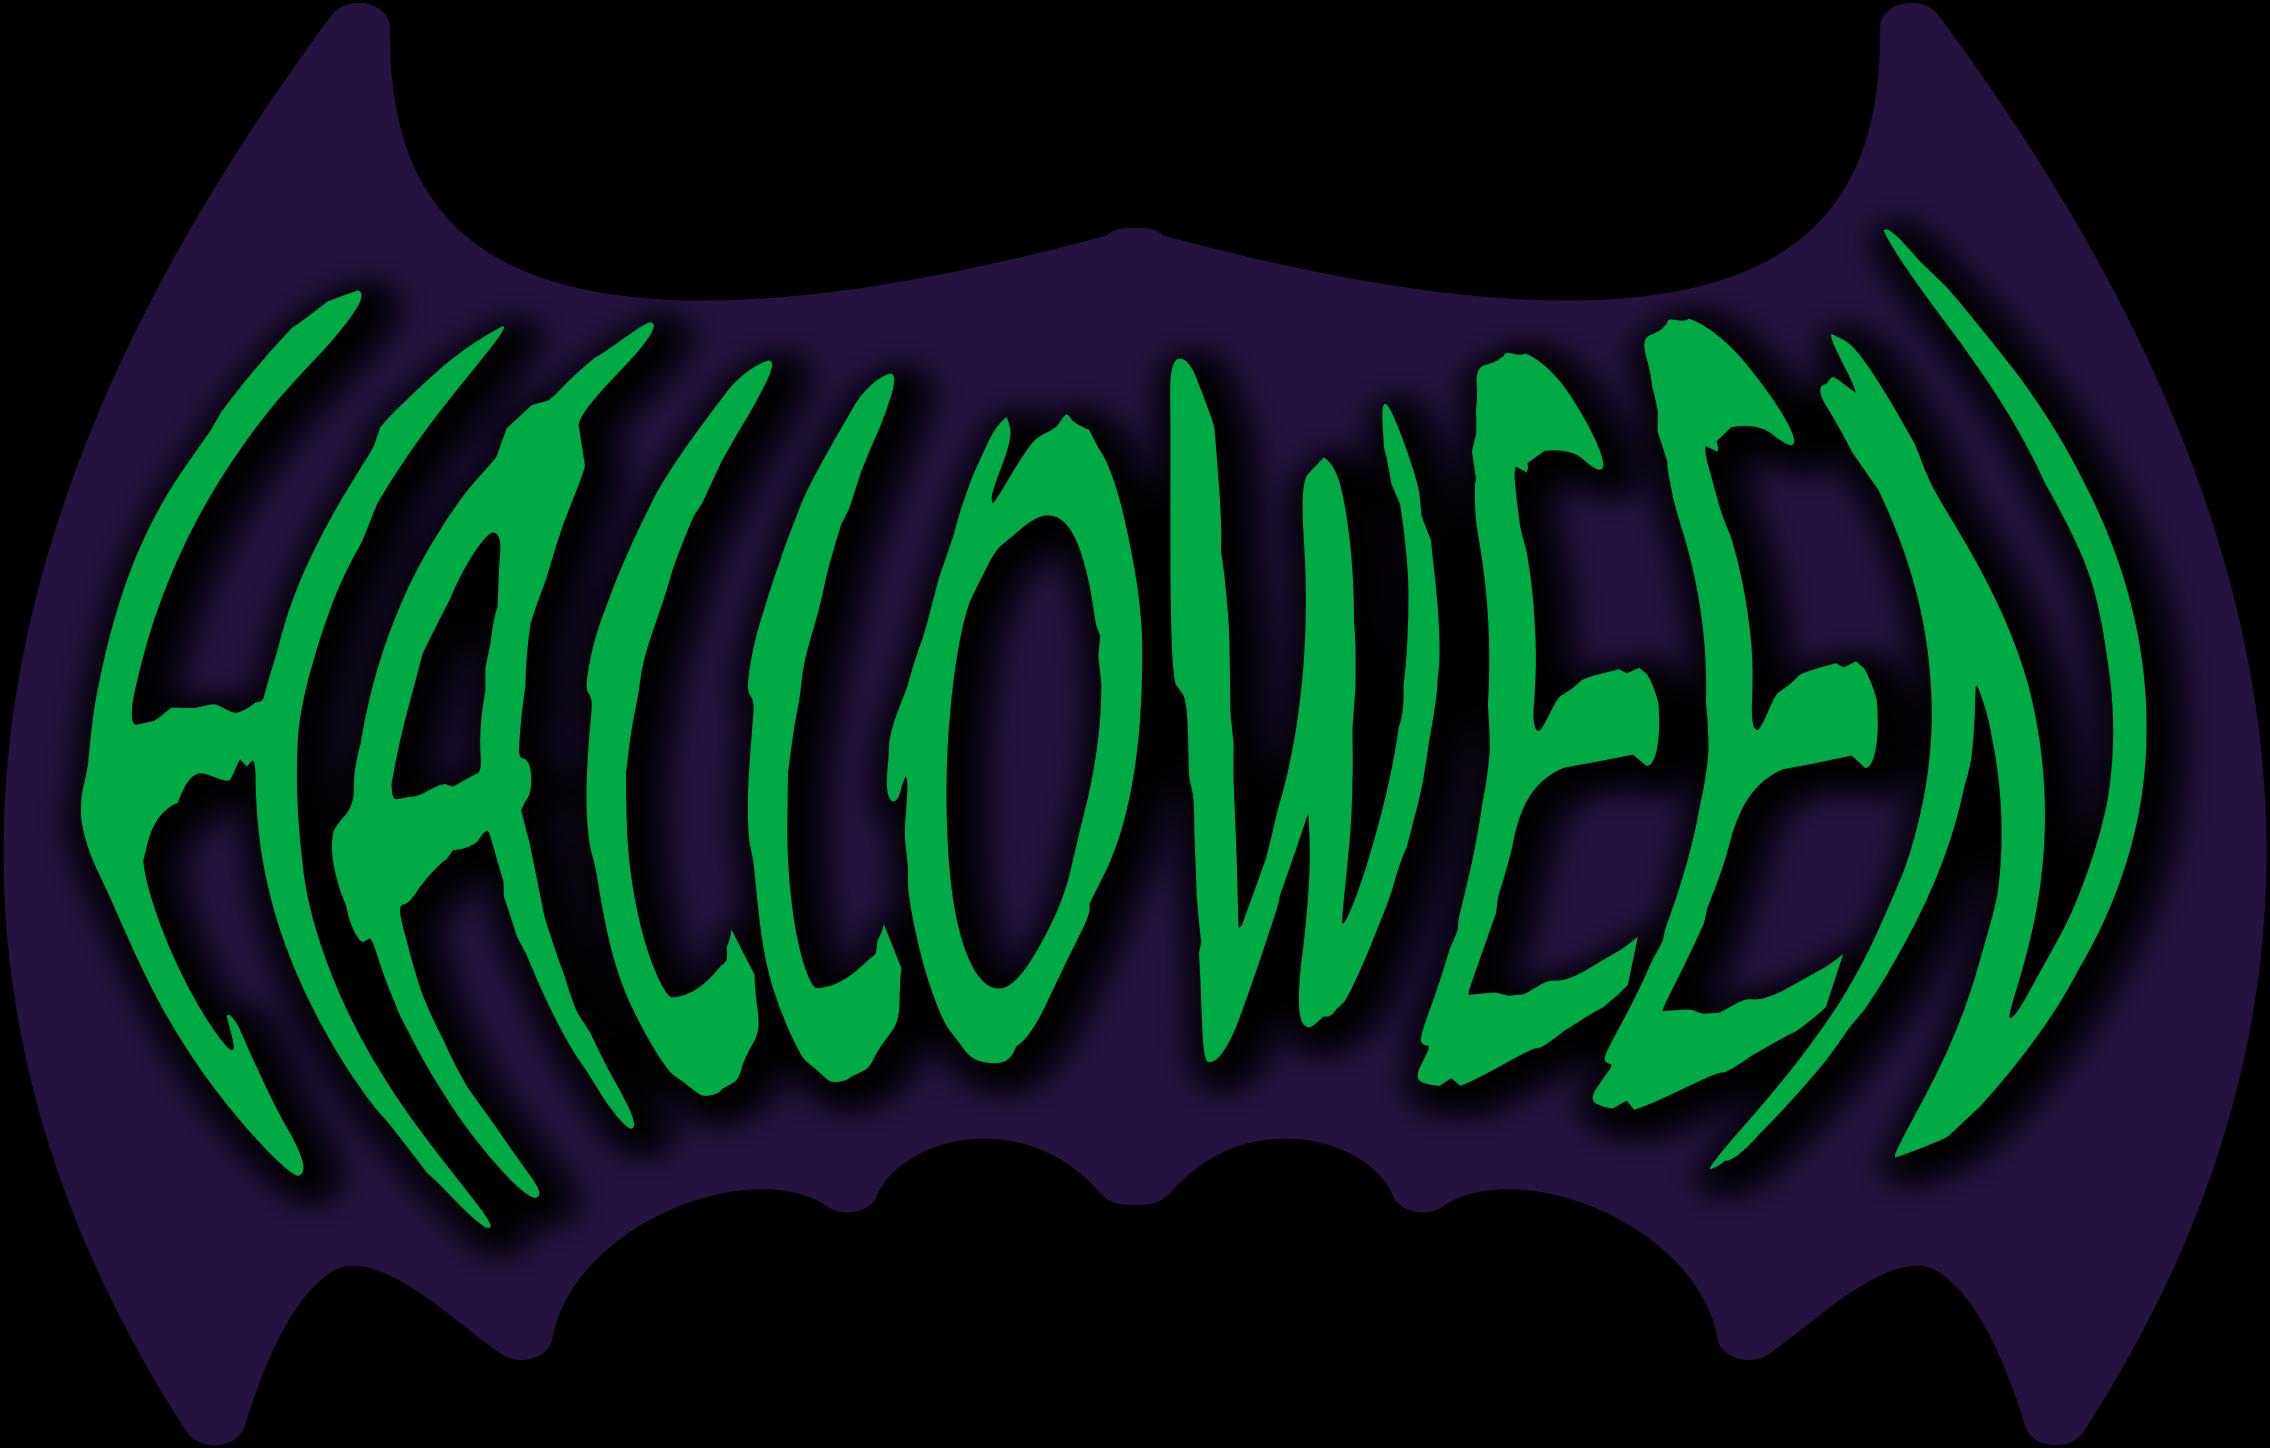 Halloween writing by mi_brami